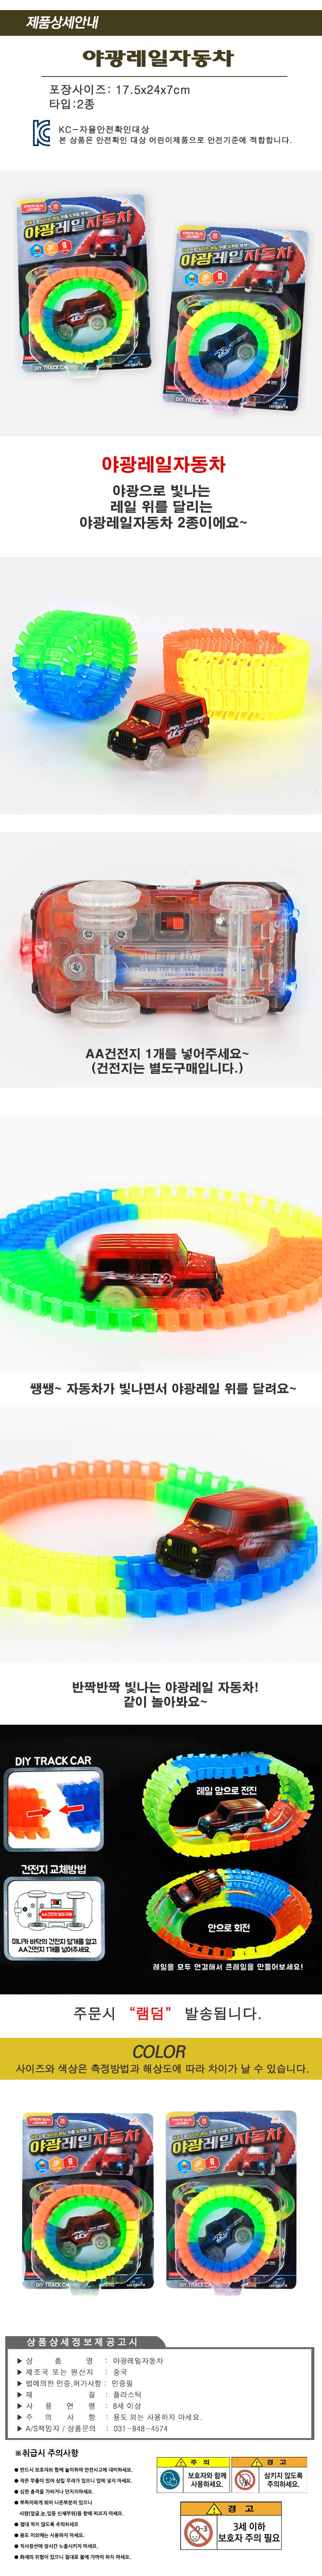 야광레일자동차 색상랜덤 - 아토, 6,000원, 작동완구, 태엽장난감